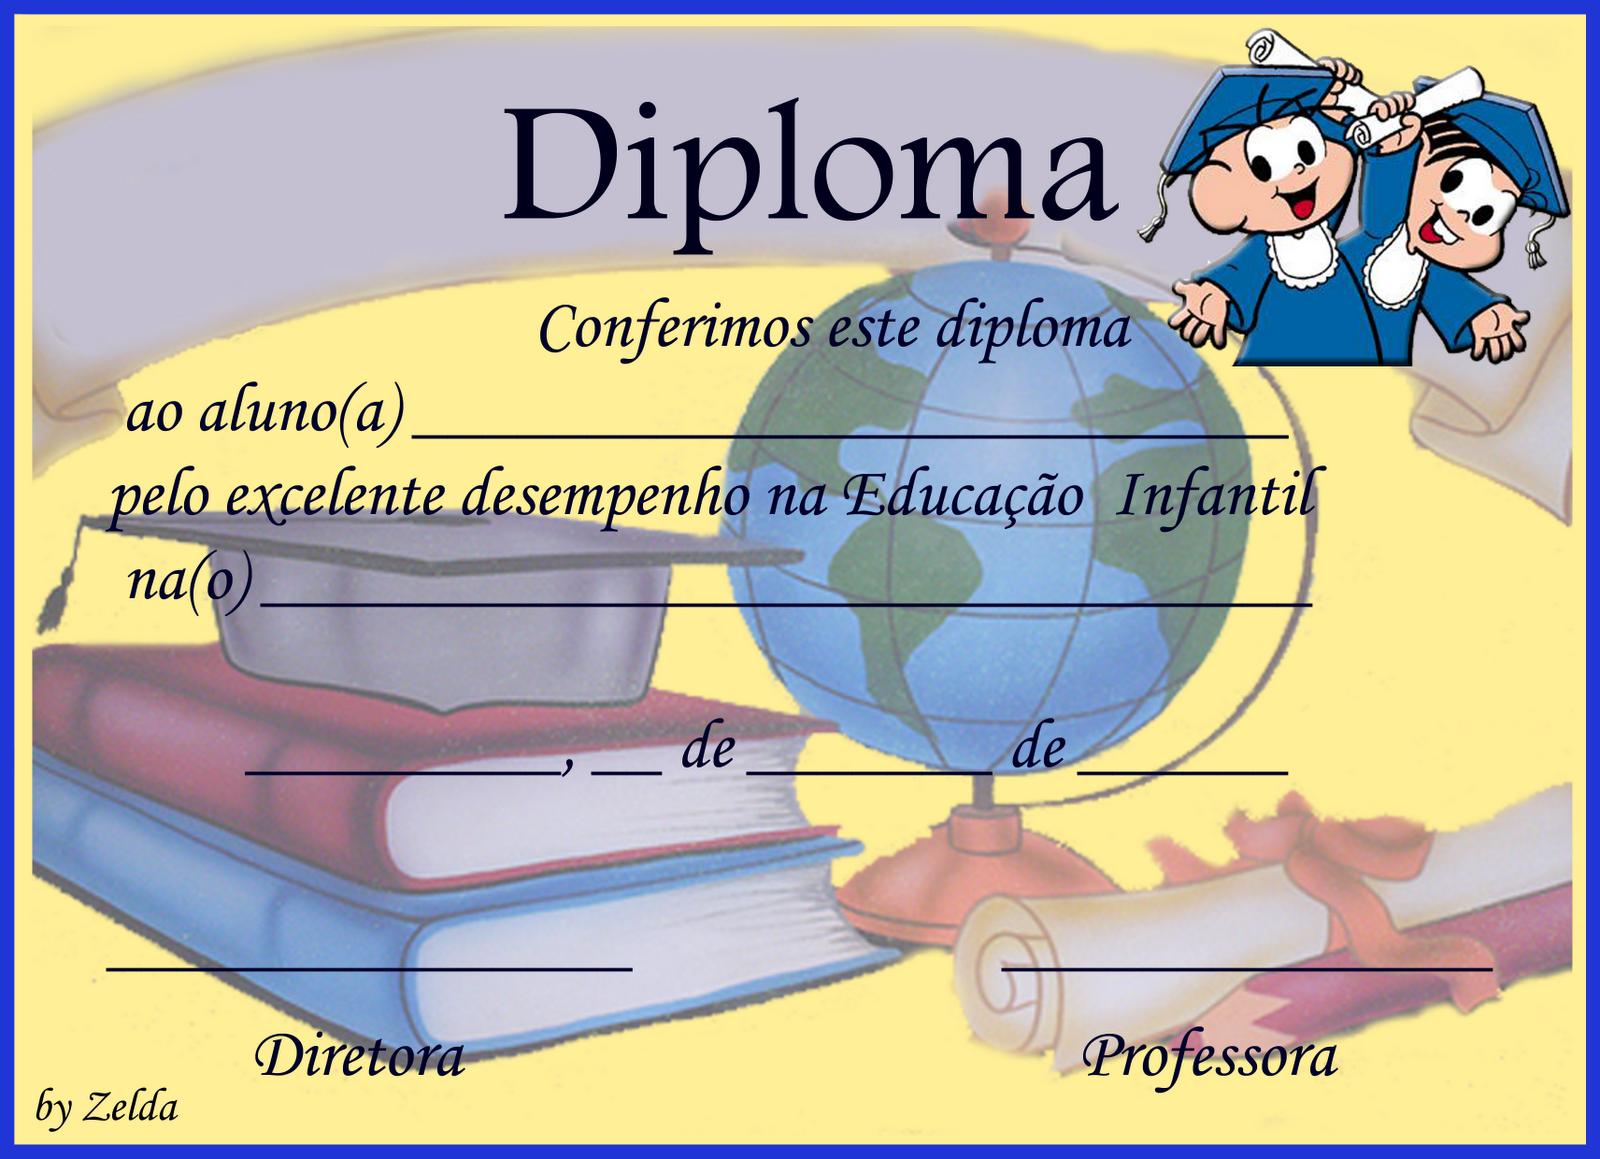 Certificados E Diplomas Para Formatura Infantil   Parte 4